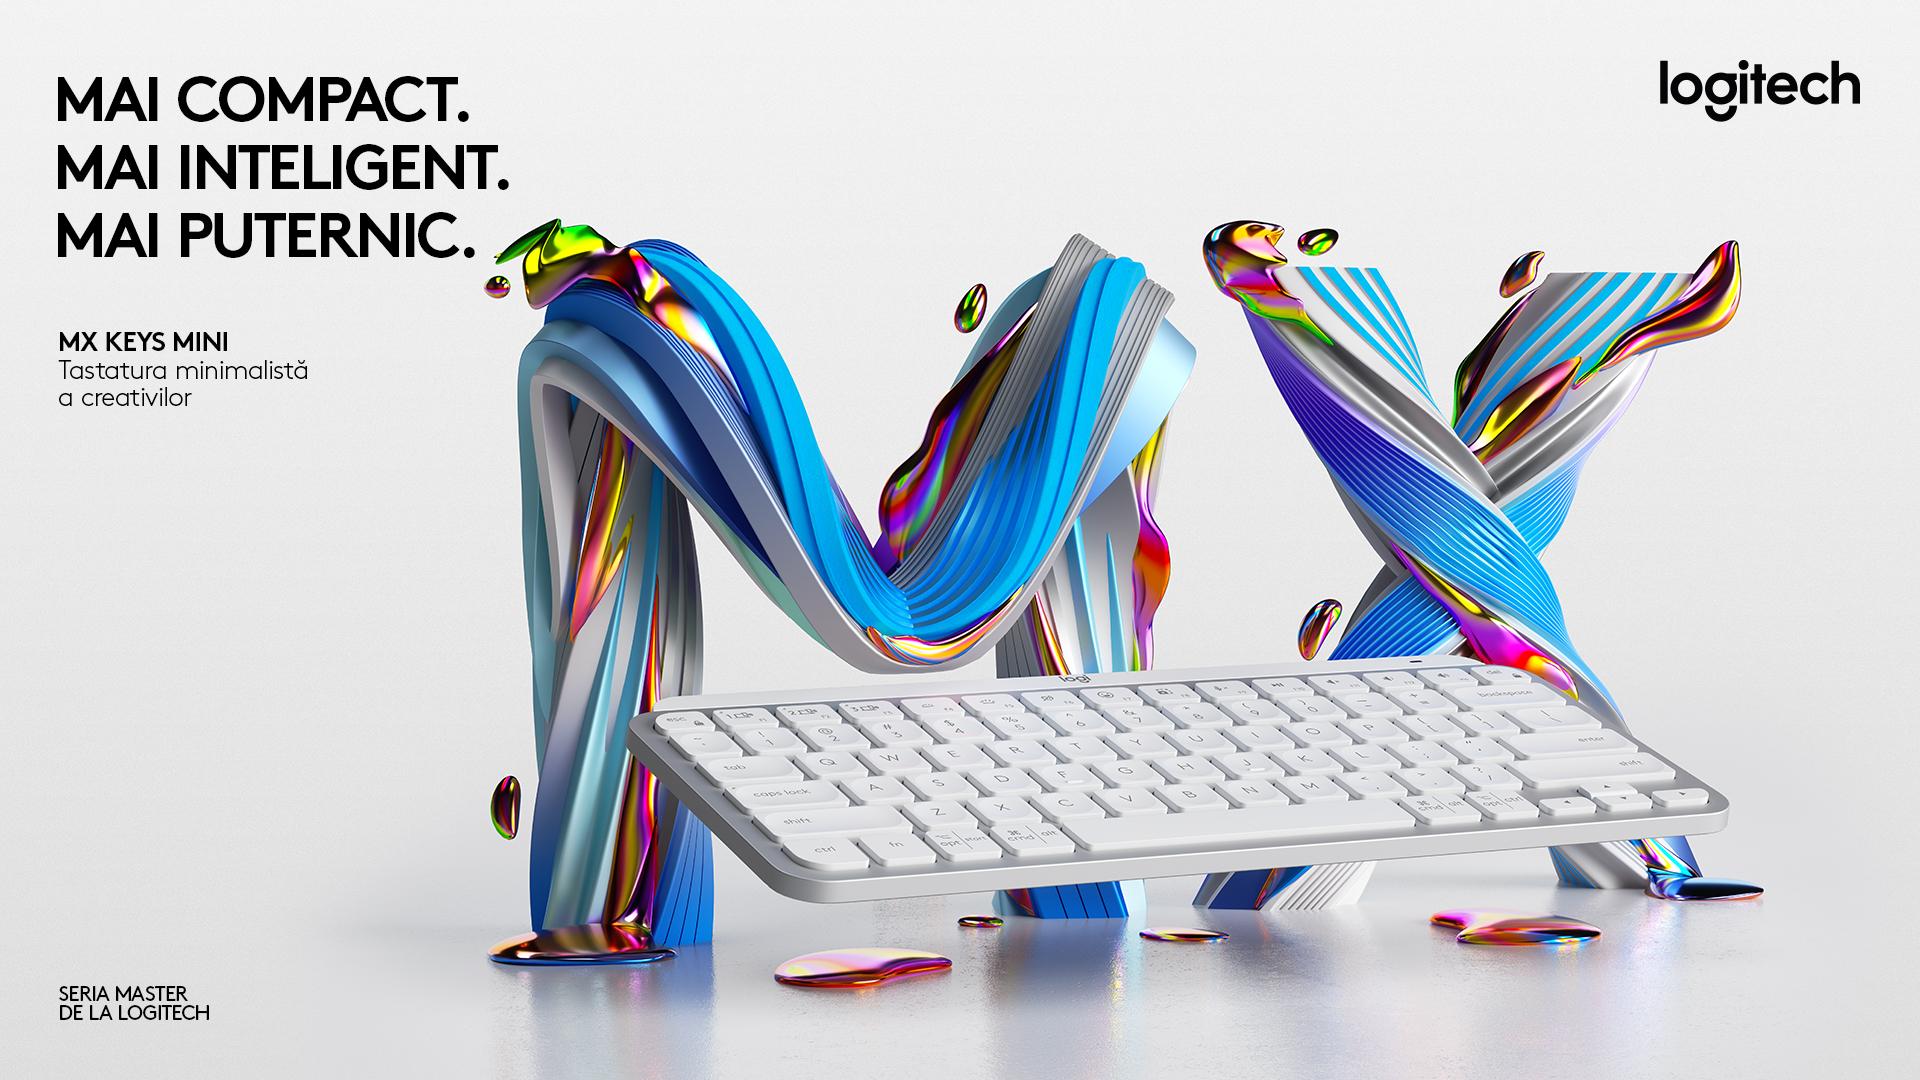 MX Keys Mini, noua tastatură wireless cu design minimalist de la Logitech